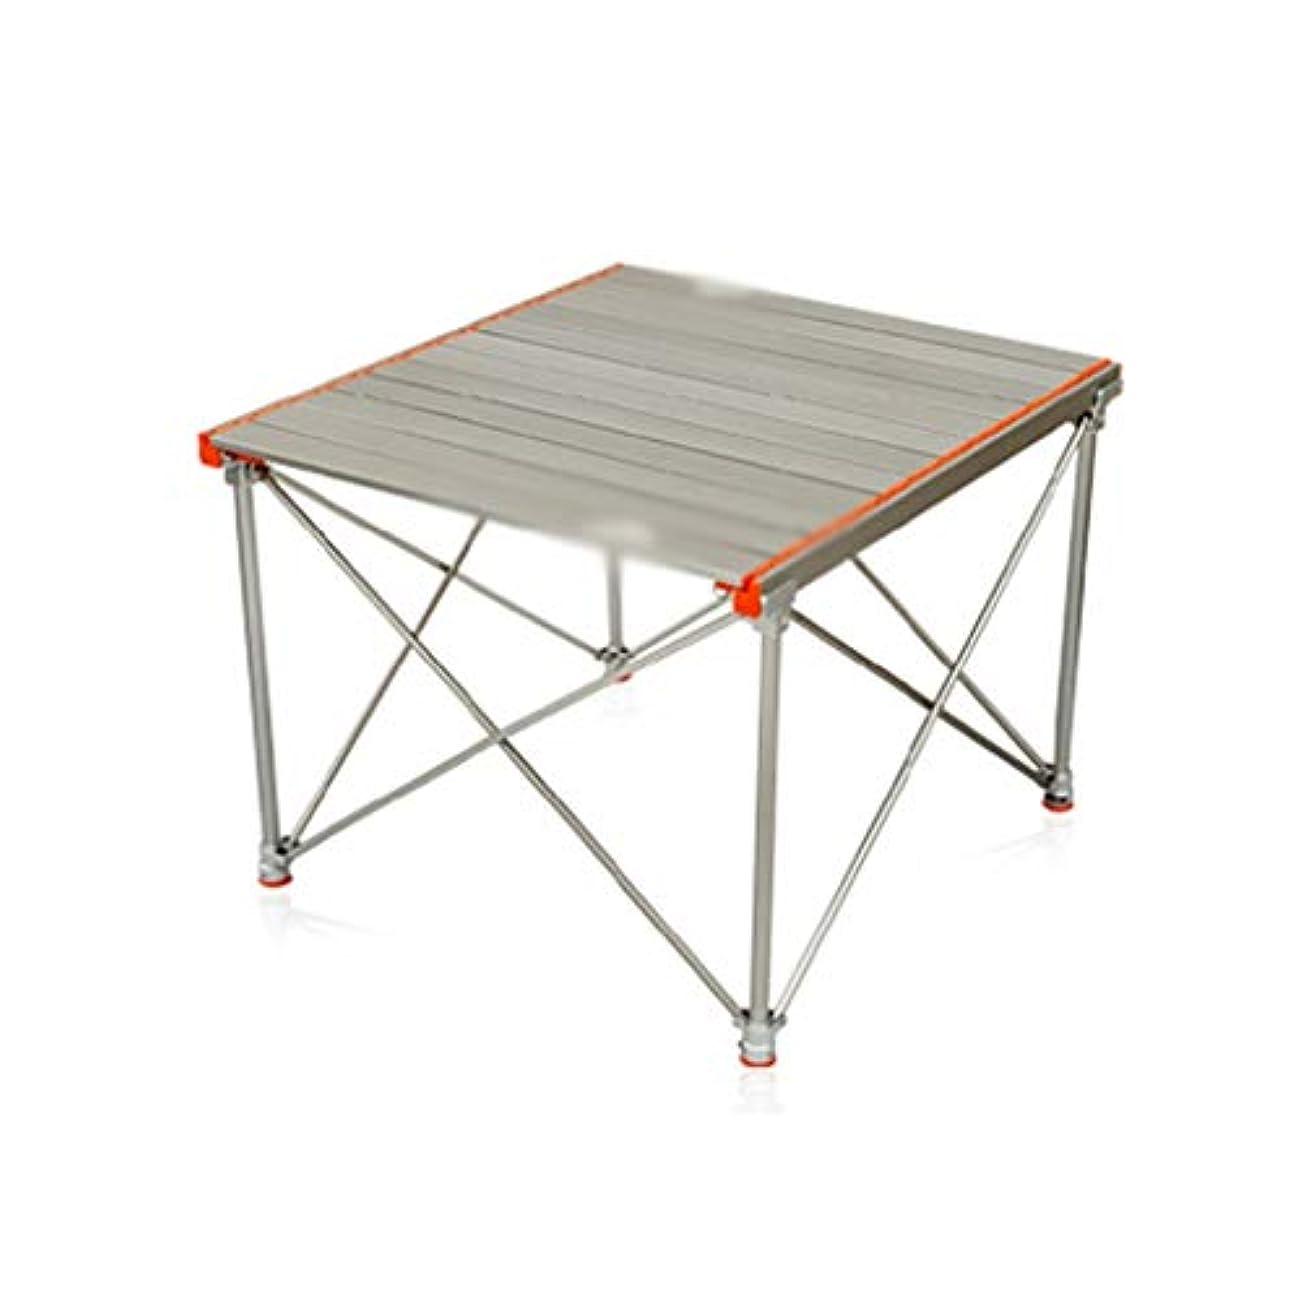 女の子木製中で折りたたみ式テーブル アウトドア 折りたたみ式テーブルアルミ合金スーパーライトピクニックテーブル折りたたみ式テーブルと椅子キャンプテーブルバーベキューテーブル 折りたたみ式テーブル